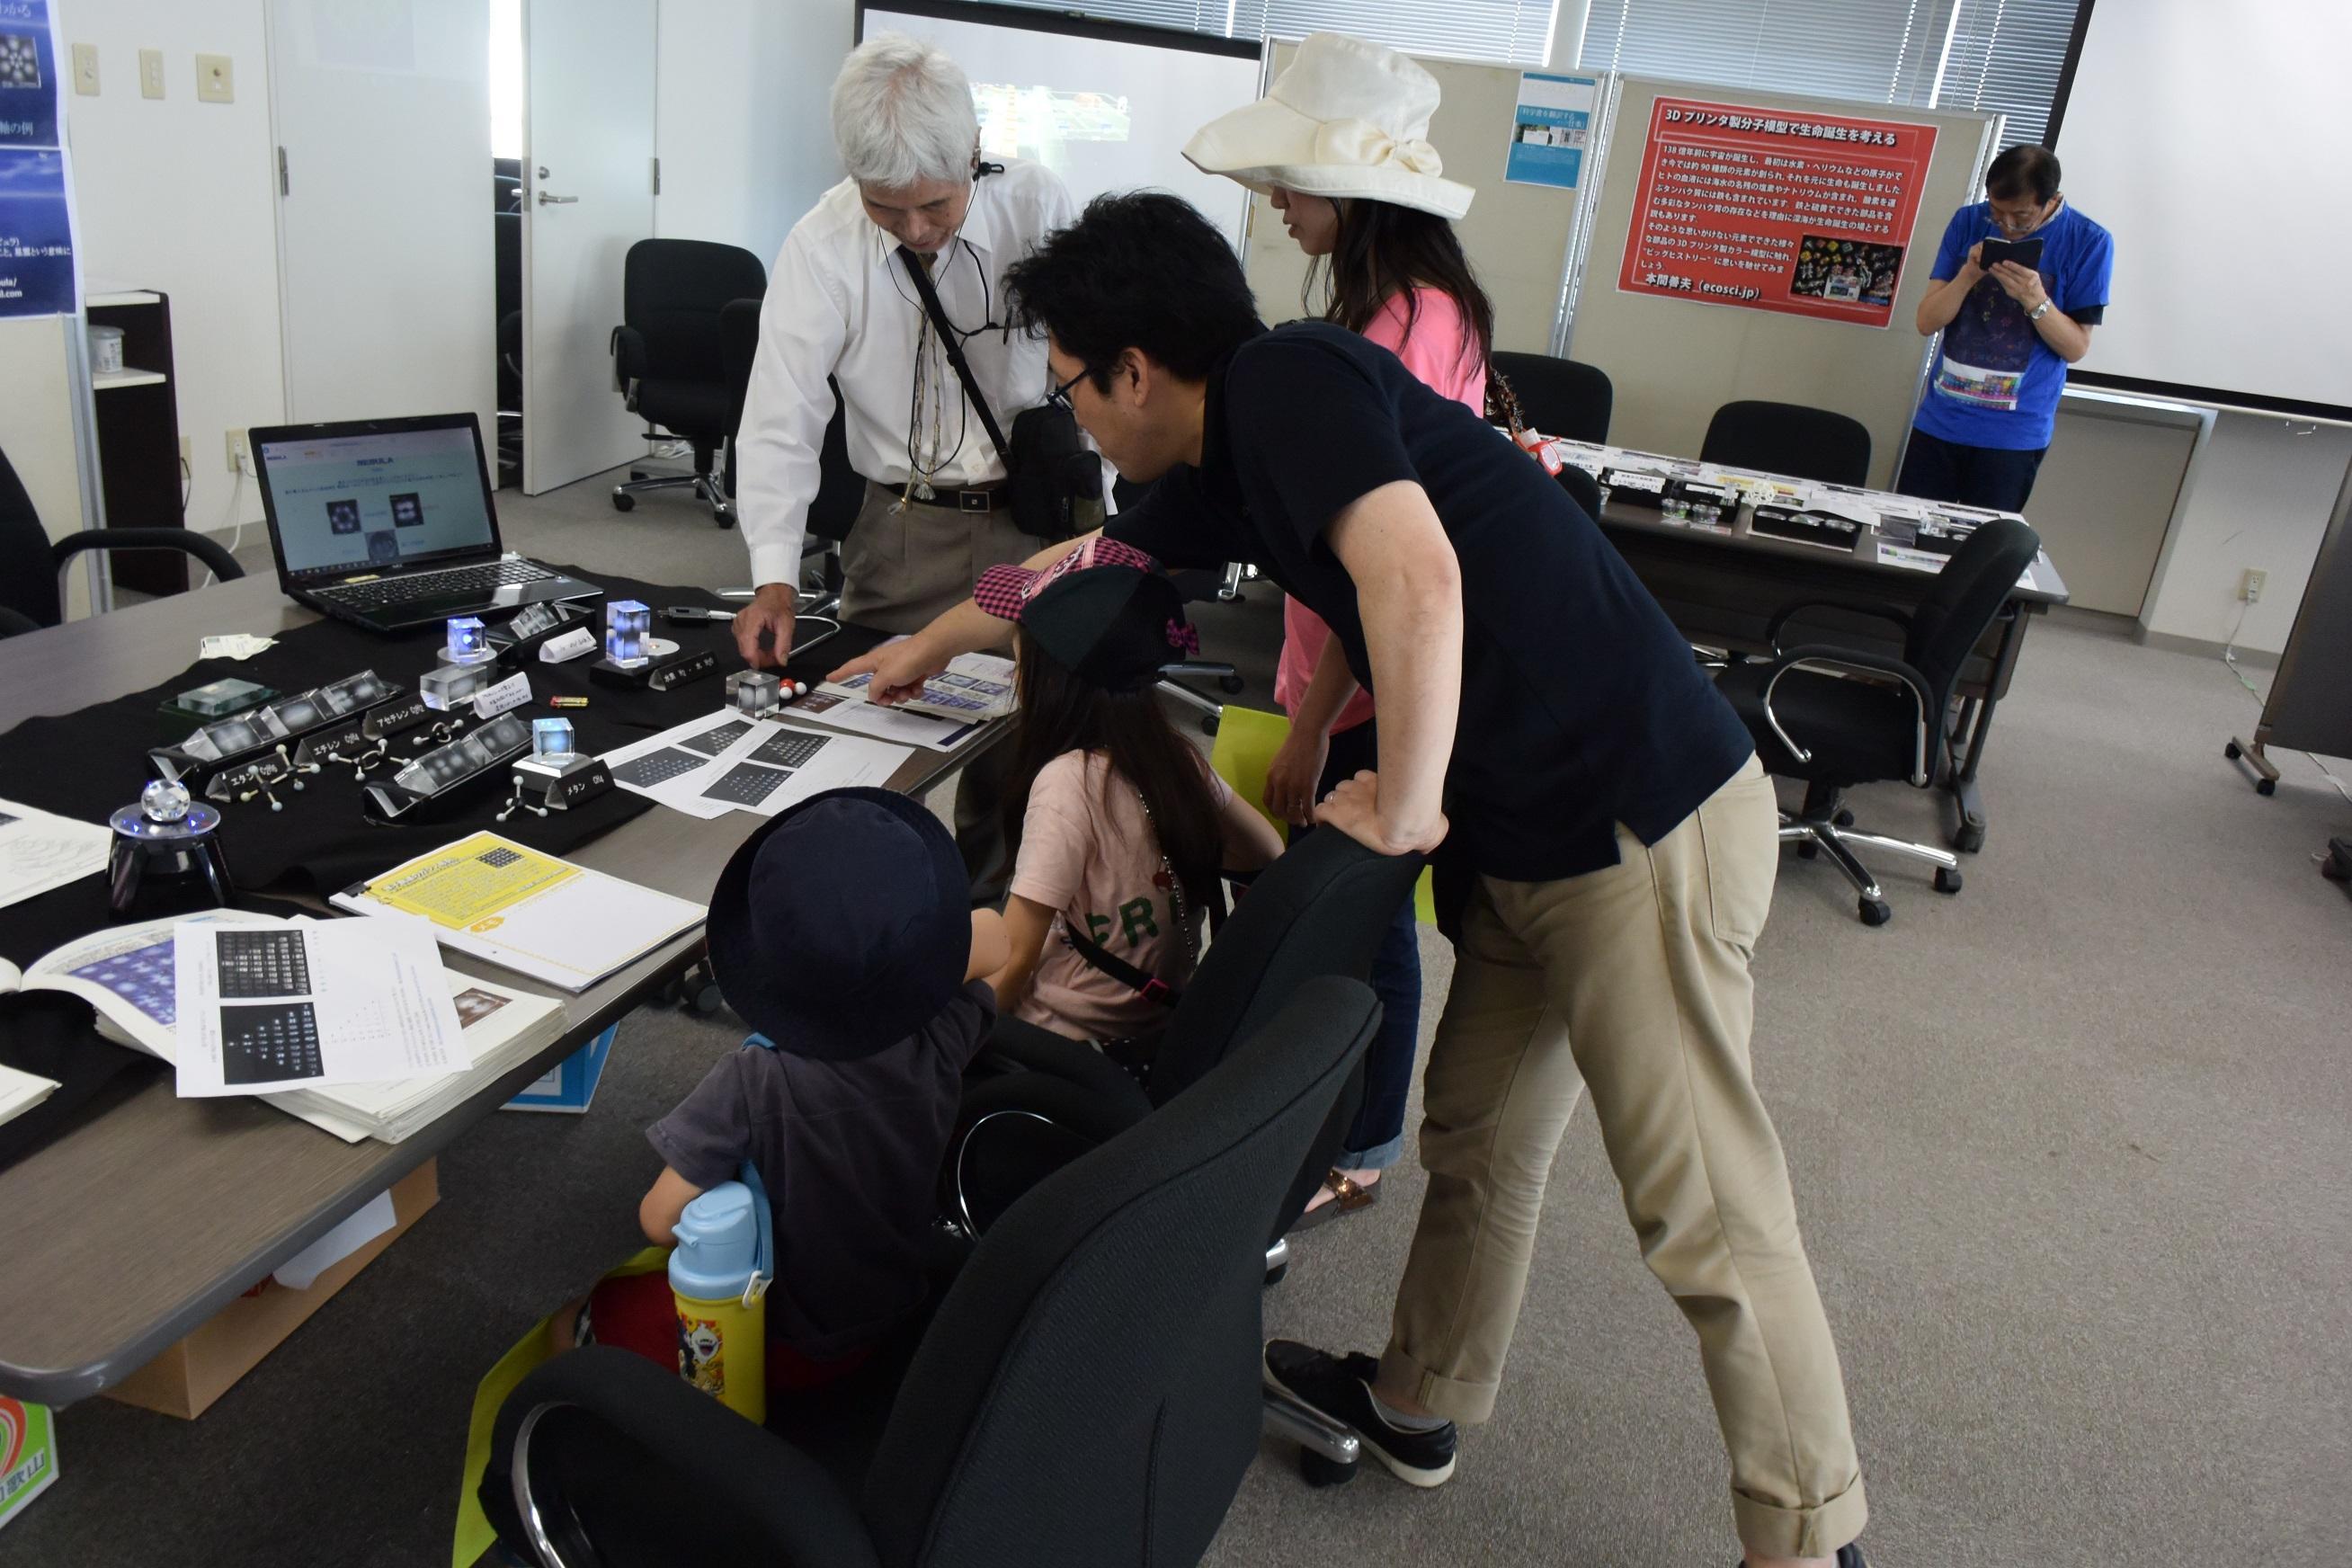 江戸川大学が7月27日に「第6回 サイエンスセミナー」を開催 -- 楽しい''カガク''の世界を体験